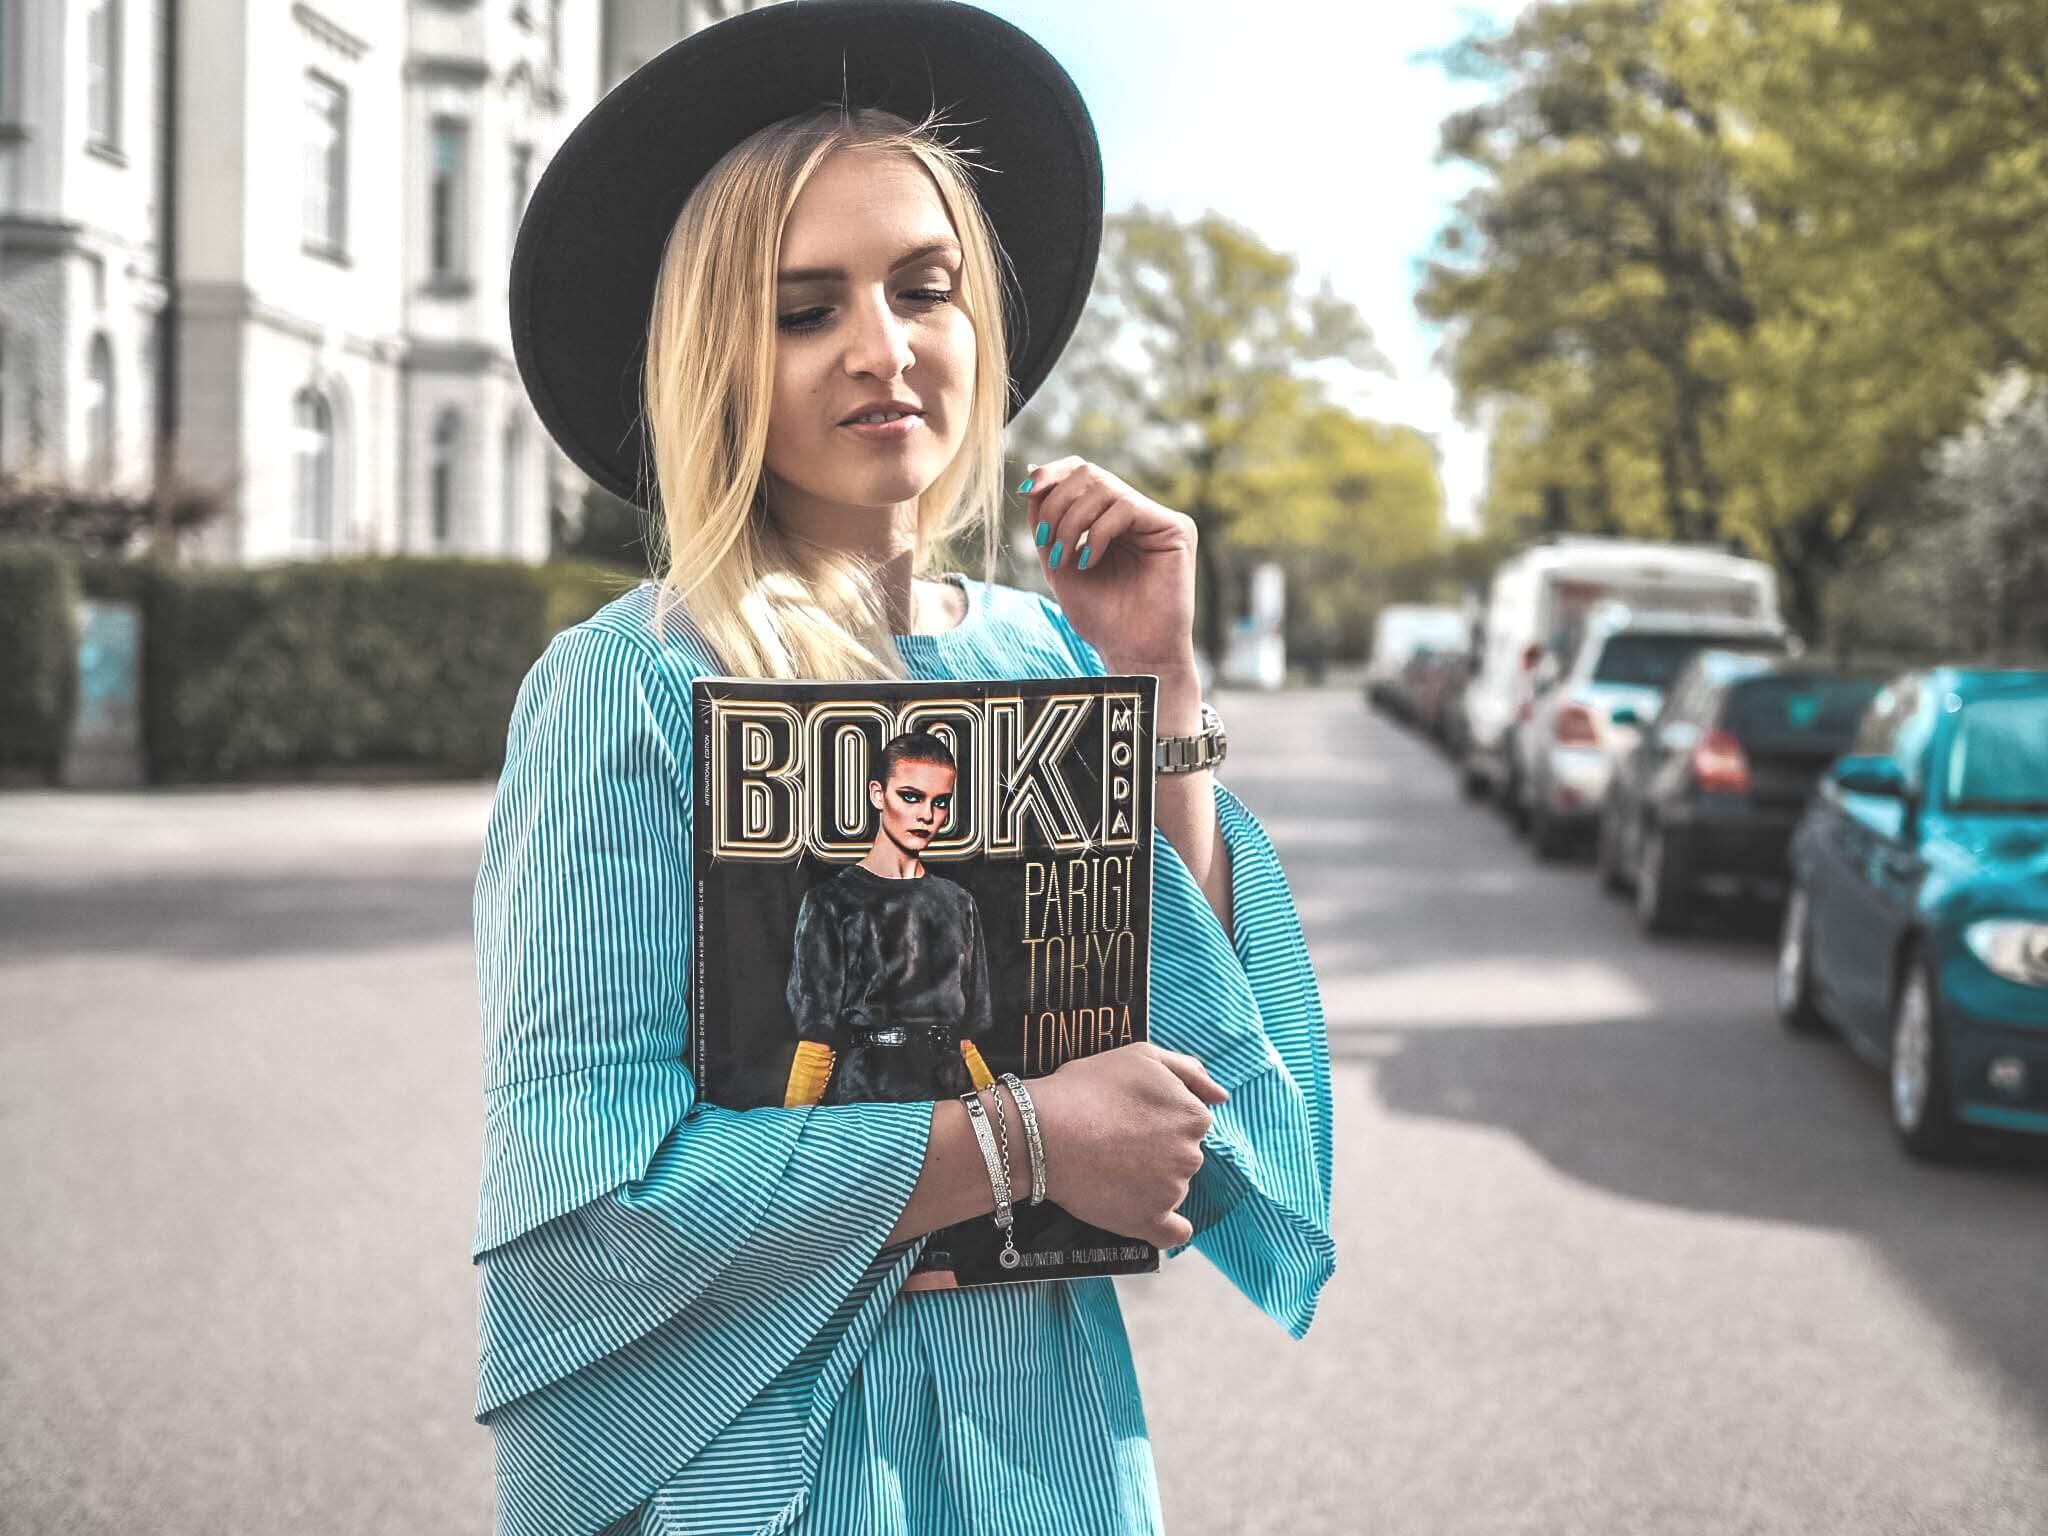 Streifen Frühling Sommer Outfit Fashionblog Modeblog München Kleid Streifenkleid Urlaub Hut Slipper Fashion Katefully Bloggerin Trend 2018 ootd Inspiration Modebuch